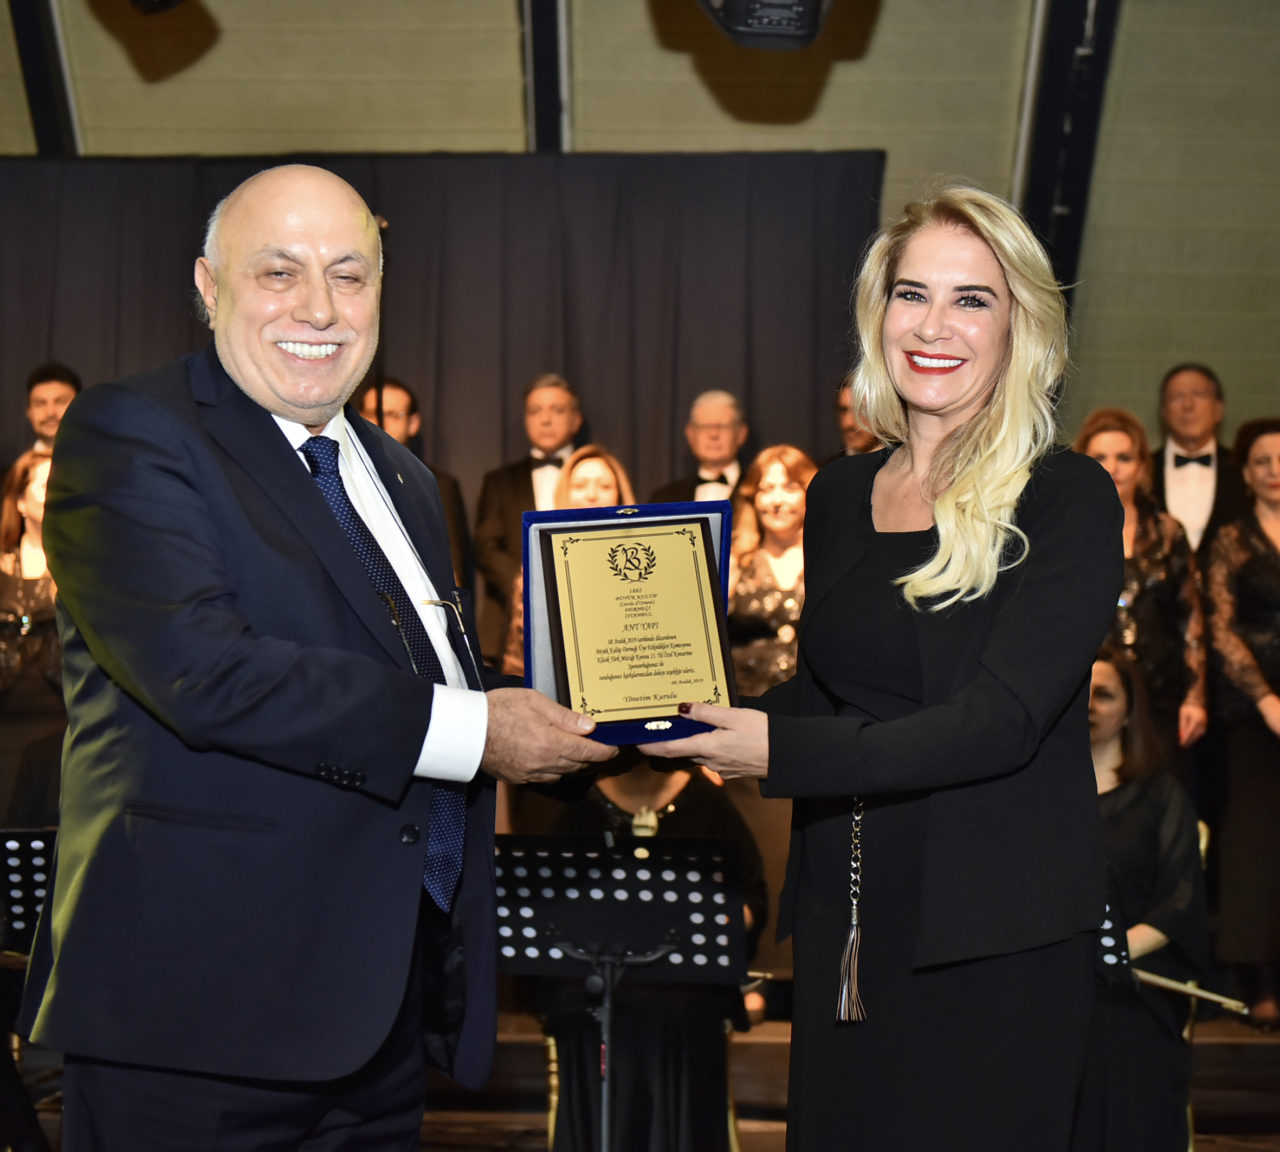 Büyük Kulüp'ün teşekkür plaketini, Ant Yapı adına Genel Koordinatör Fatma Çelenk, Genel Sekreter Erkan Ülker'in elinden aldı.